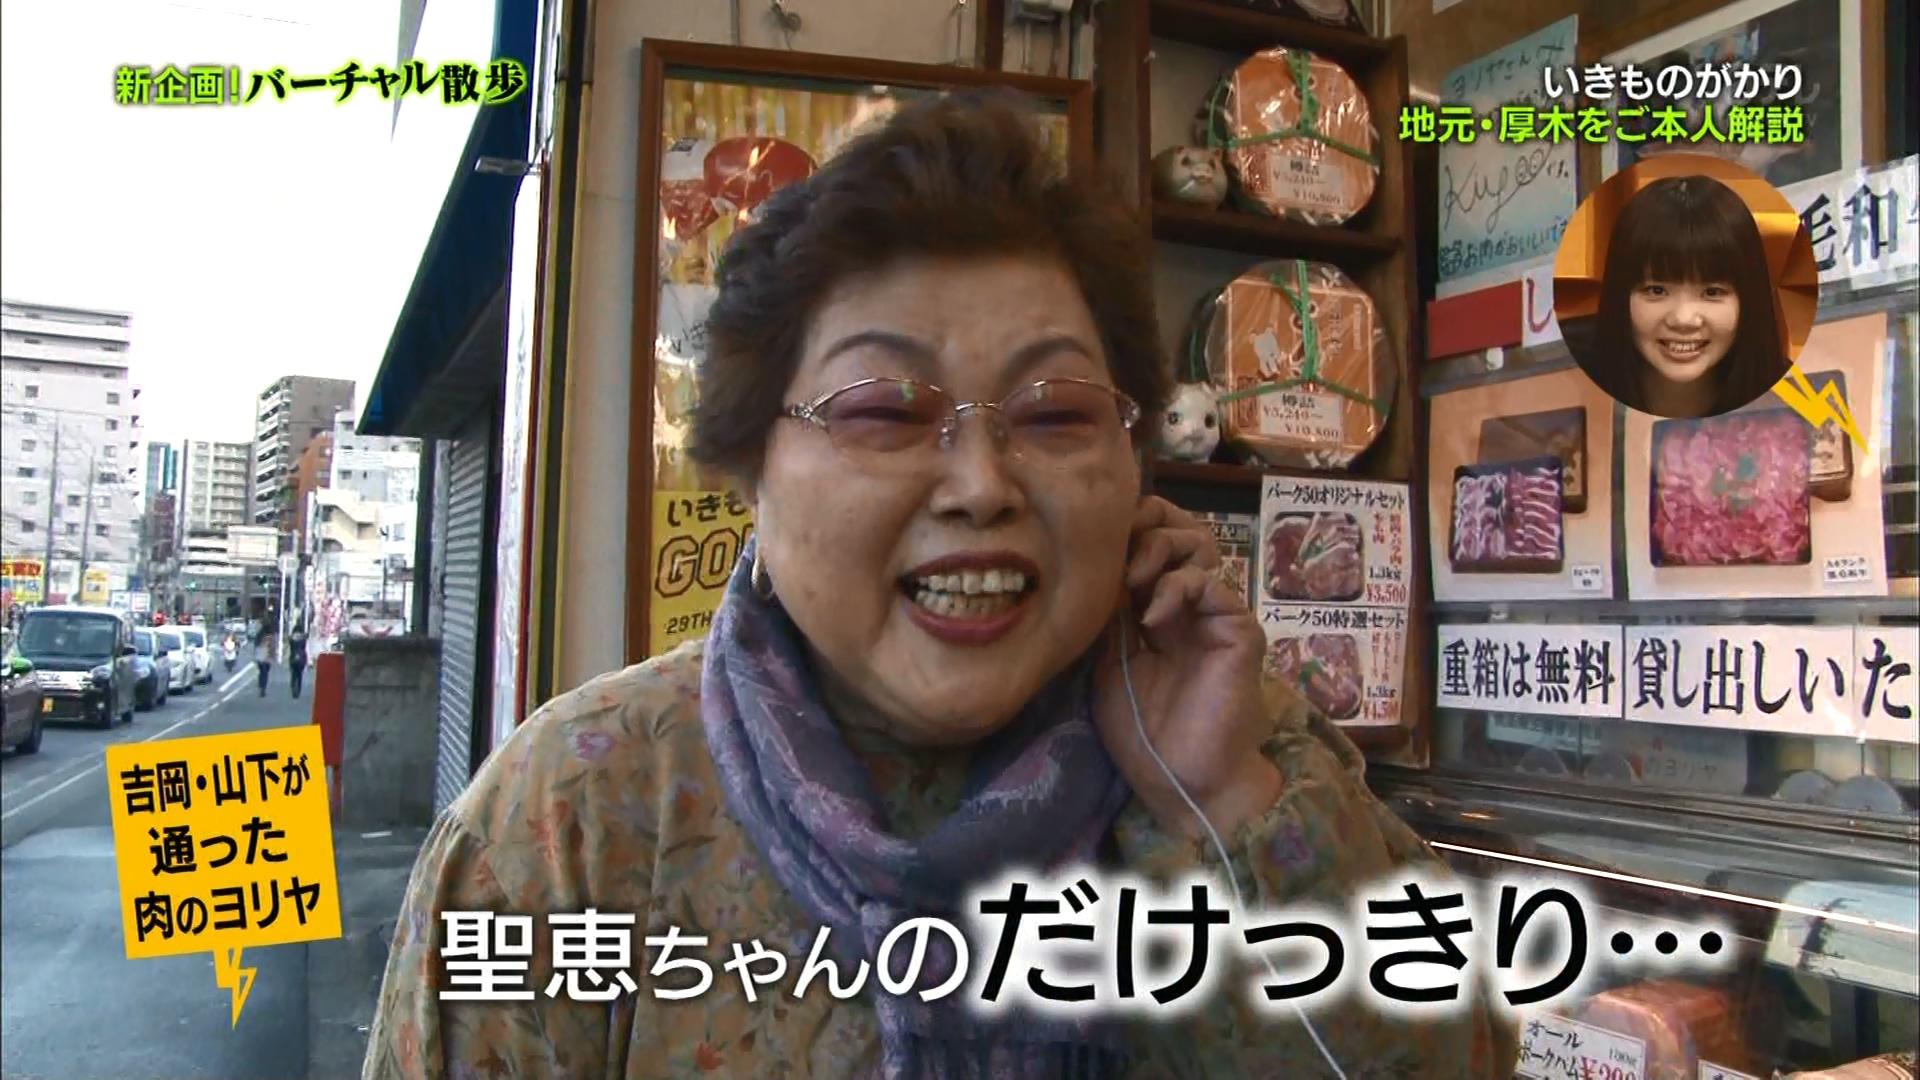 2016.03.11 全場(バズリズム).ts_20160312_015522.821